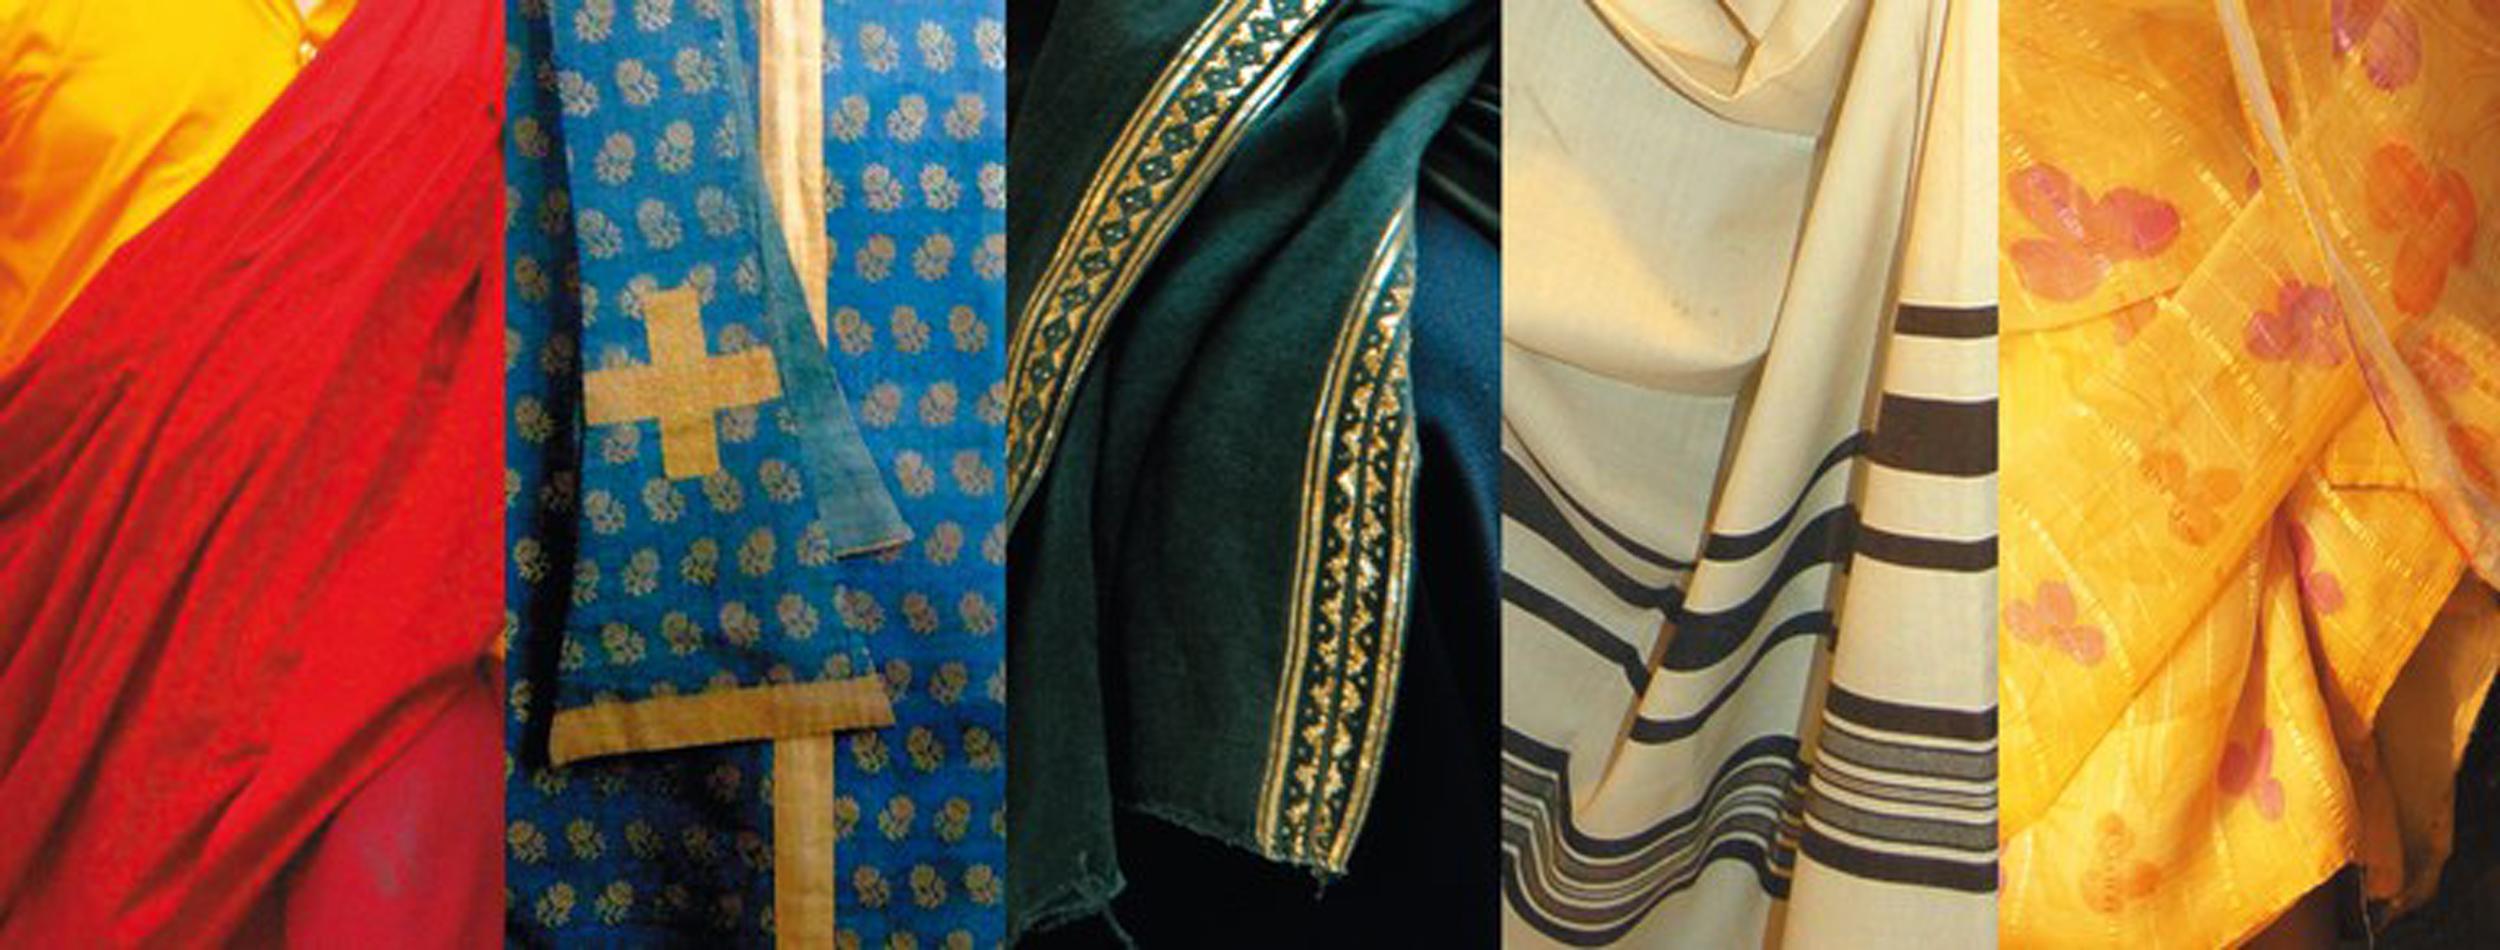 Bildstreifen_Sakrale-Kleider